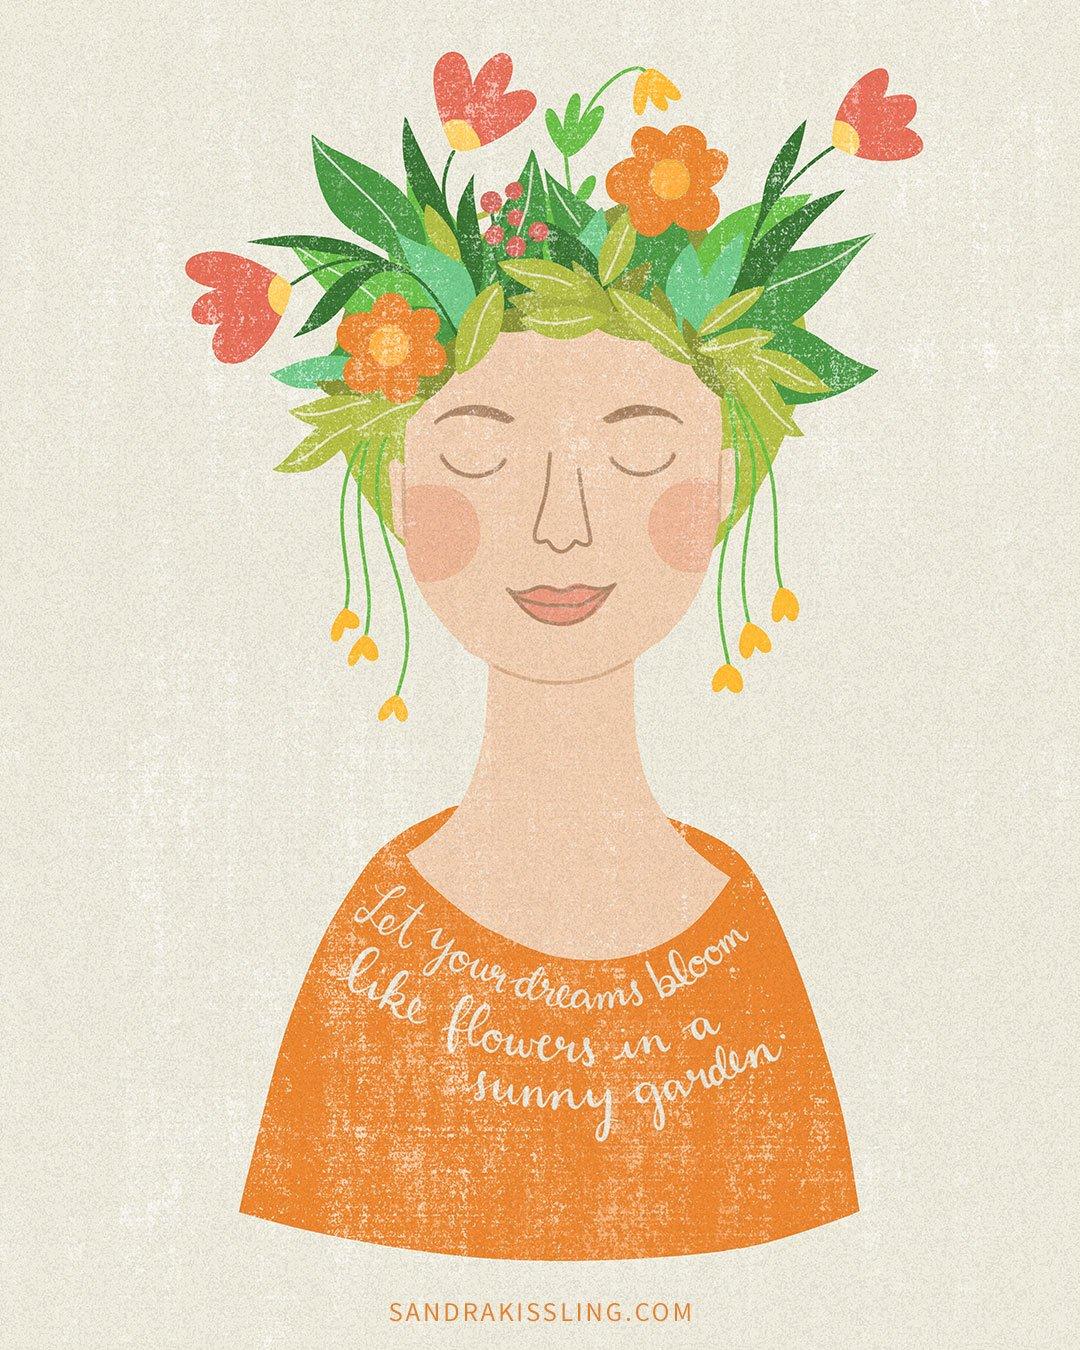 illustration-let-your-dreams-bloom.jpg